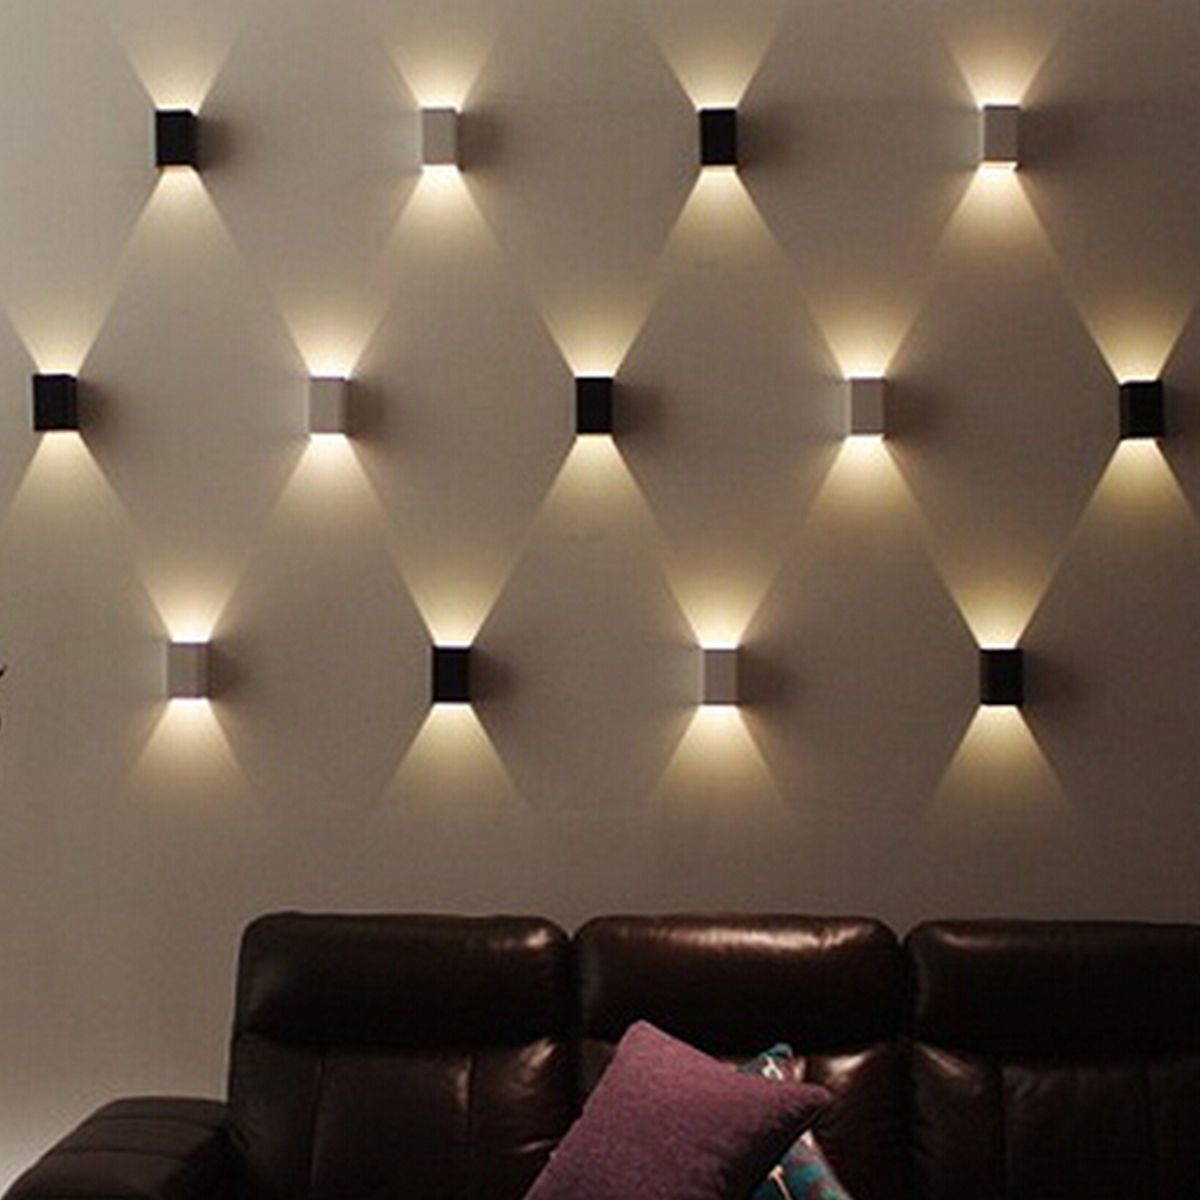 stilvolle led wandlampe wandleuchte flurlampe leuchte. Black Bedroom Furniture Sets. Home Design Ideas